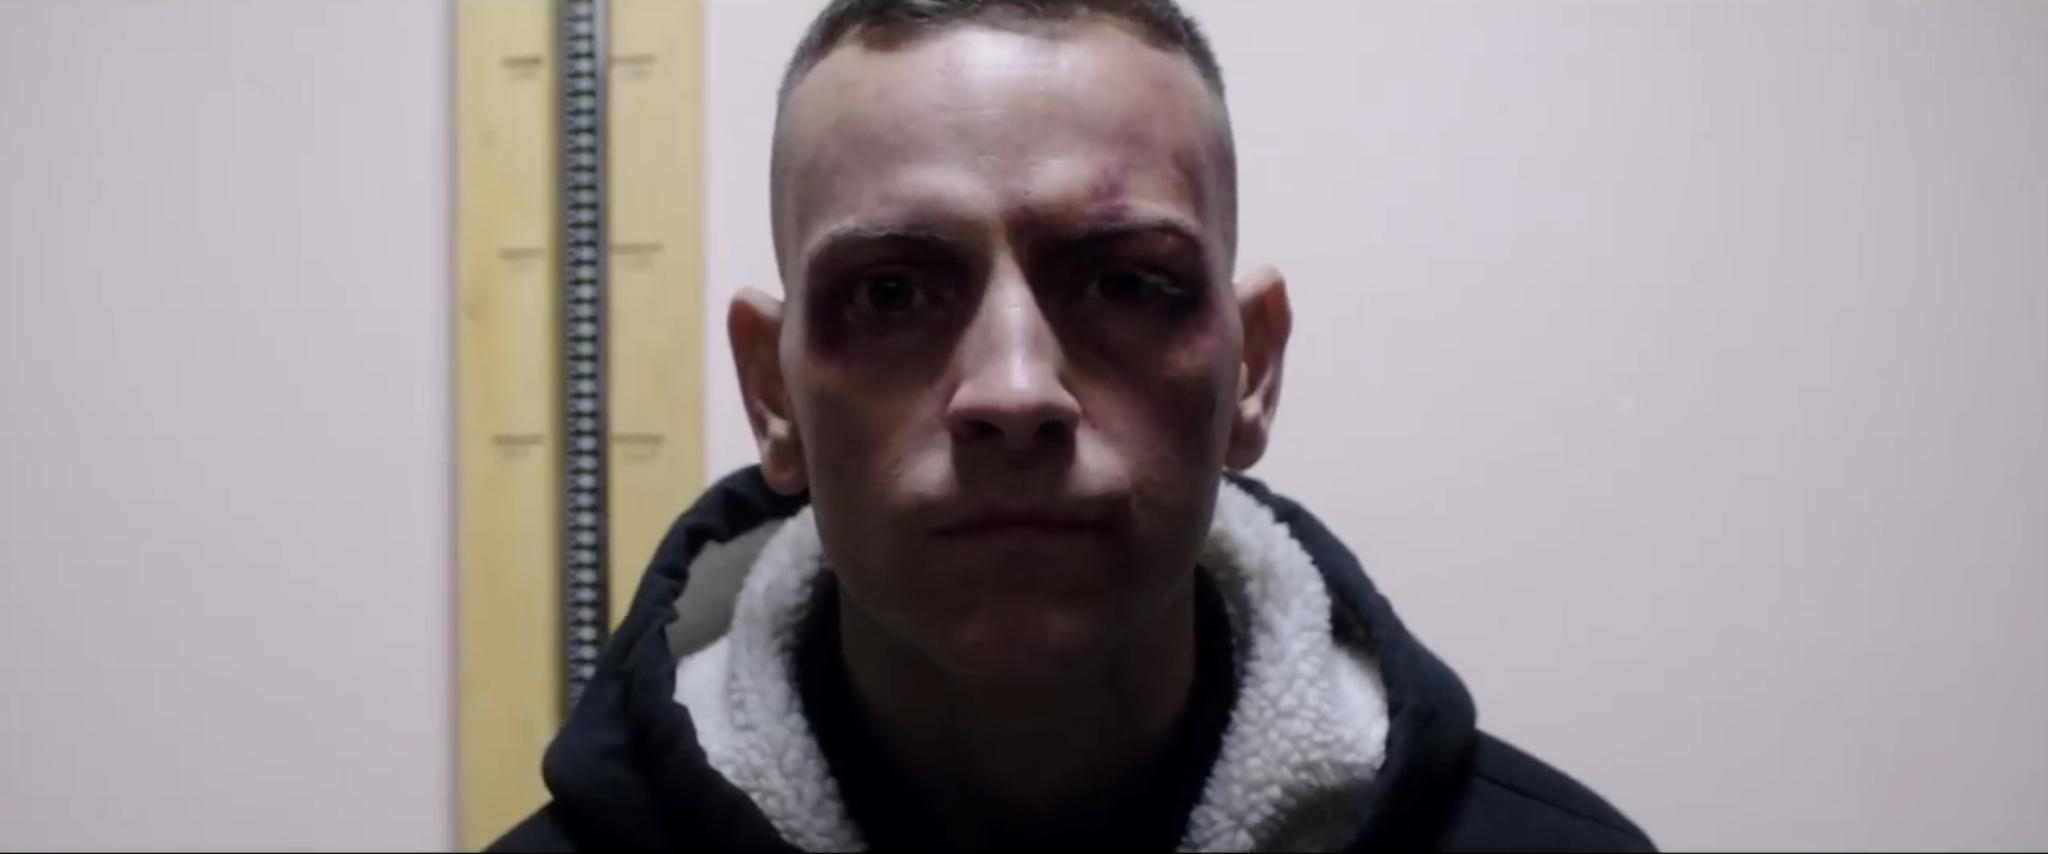 Alessandro Borghi interpreta Stefano Cucchi